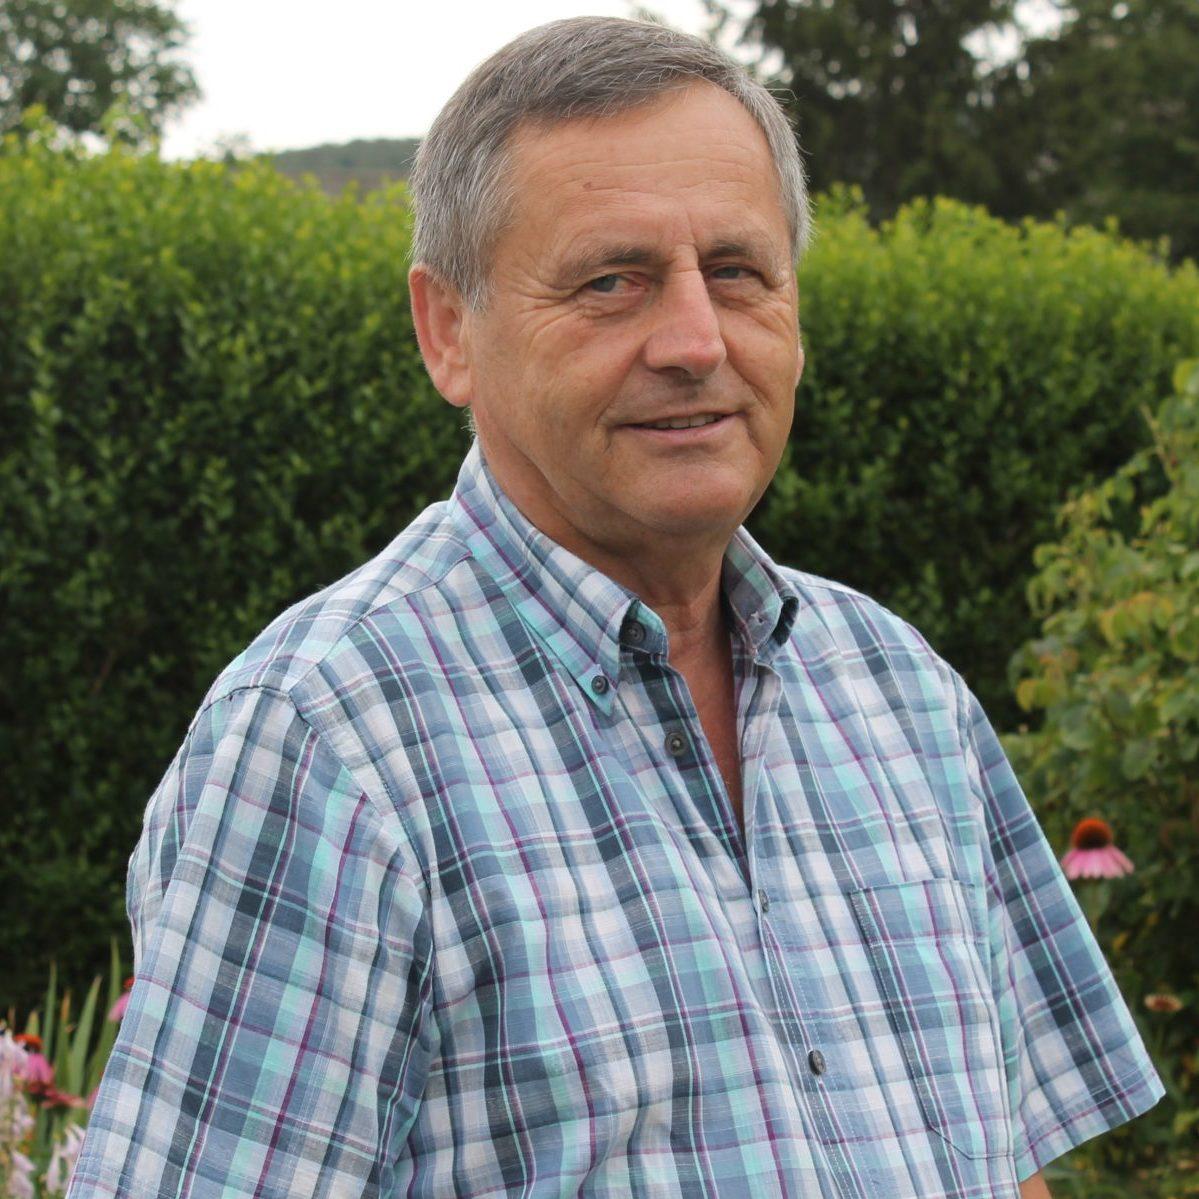 Herbert Schedl